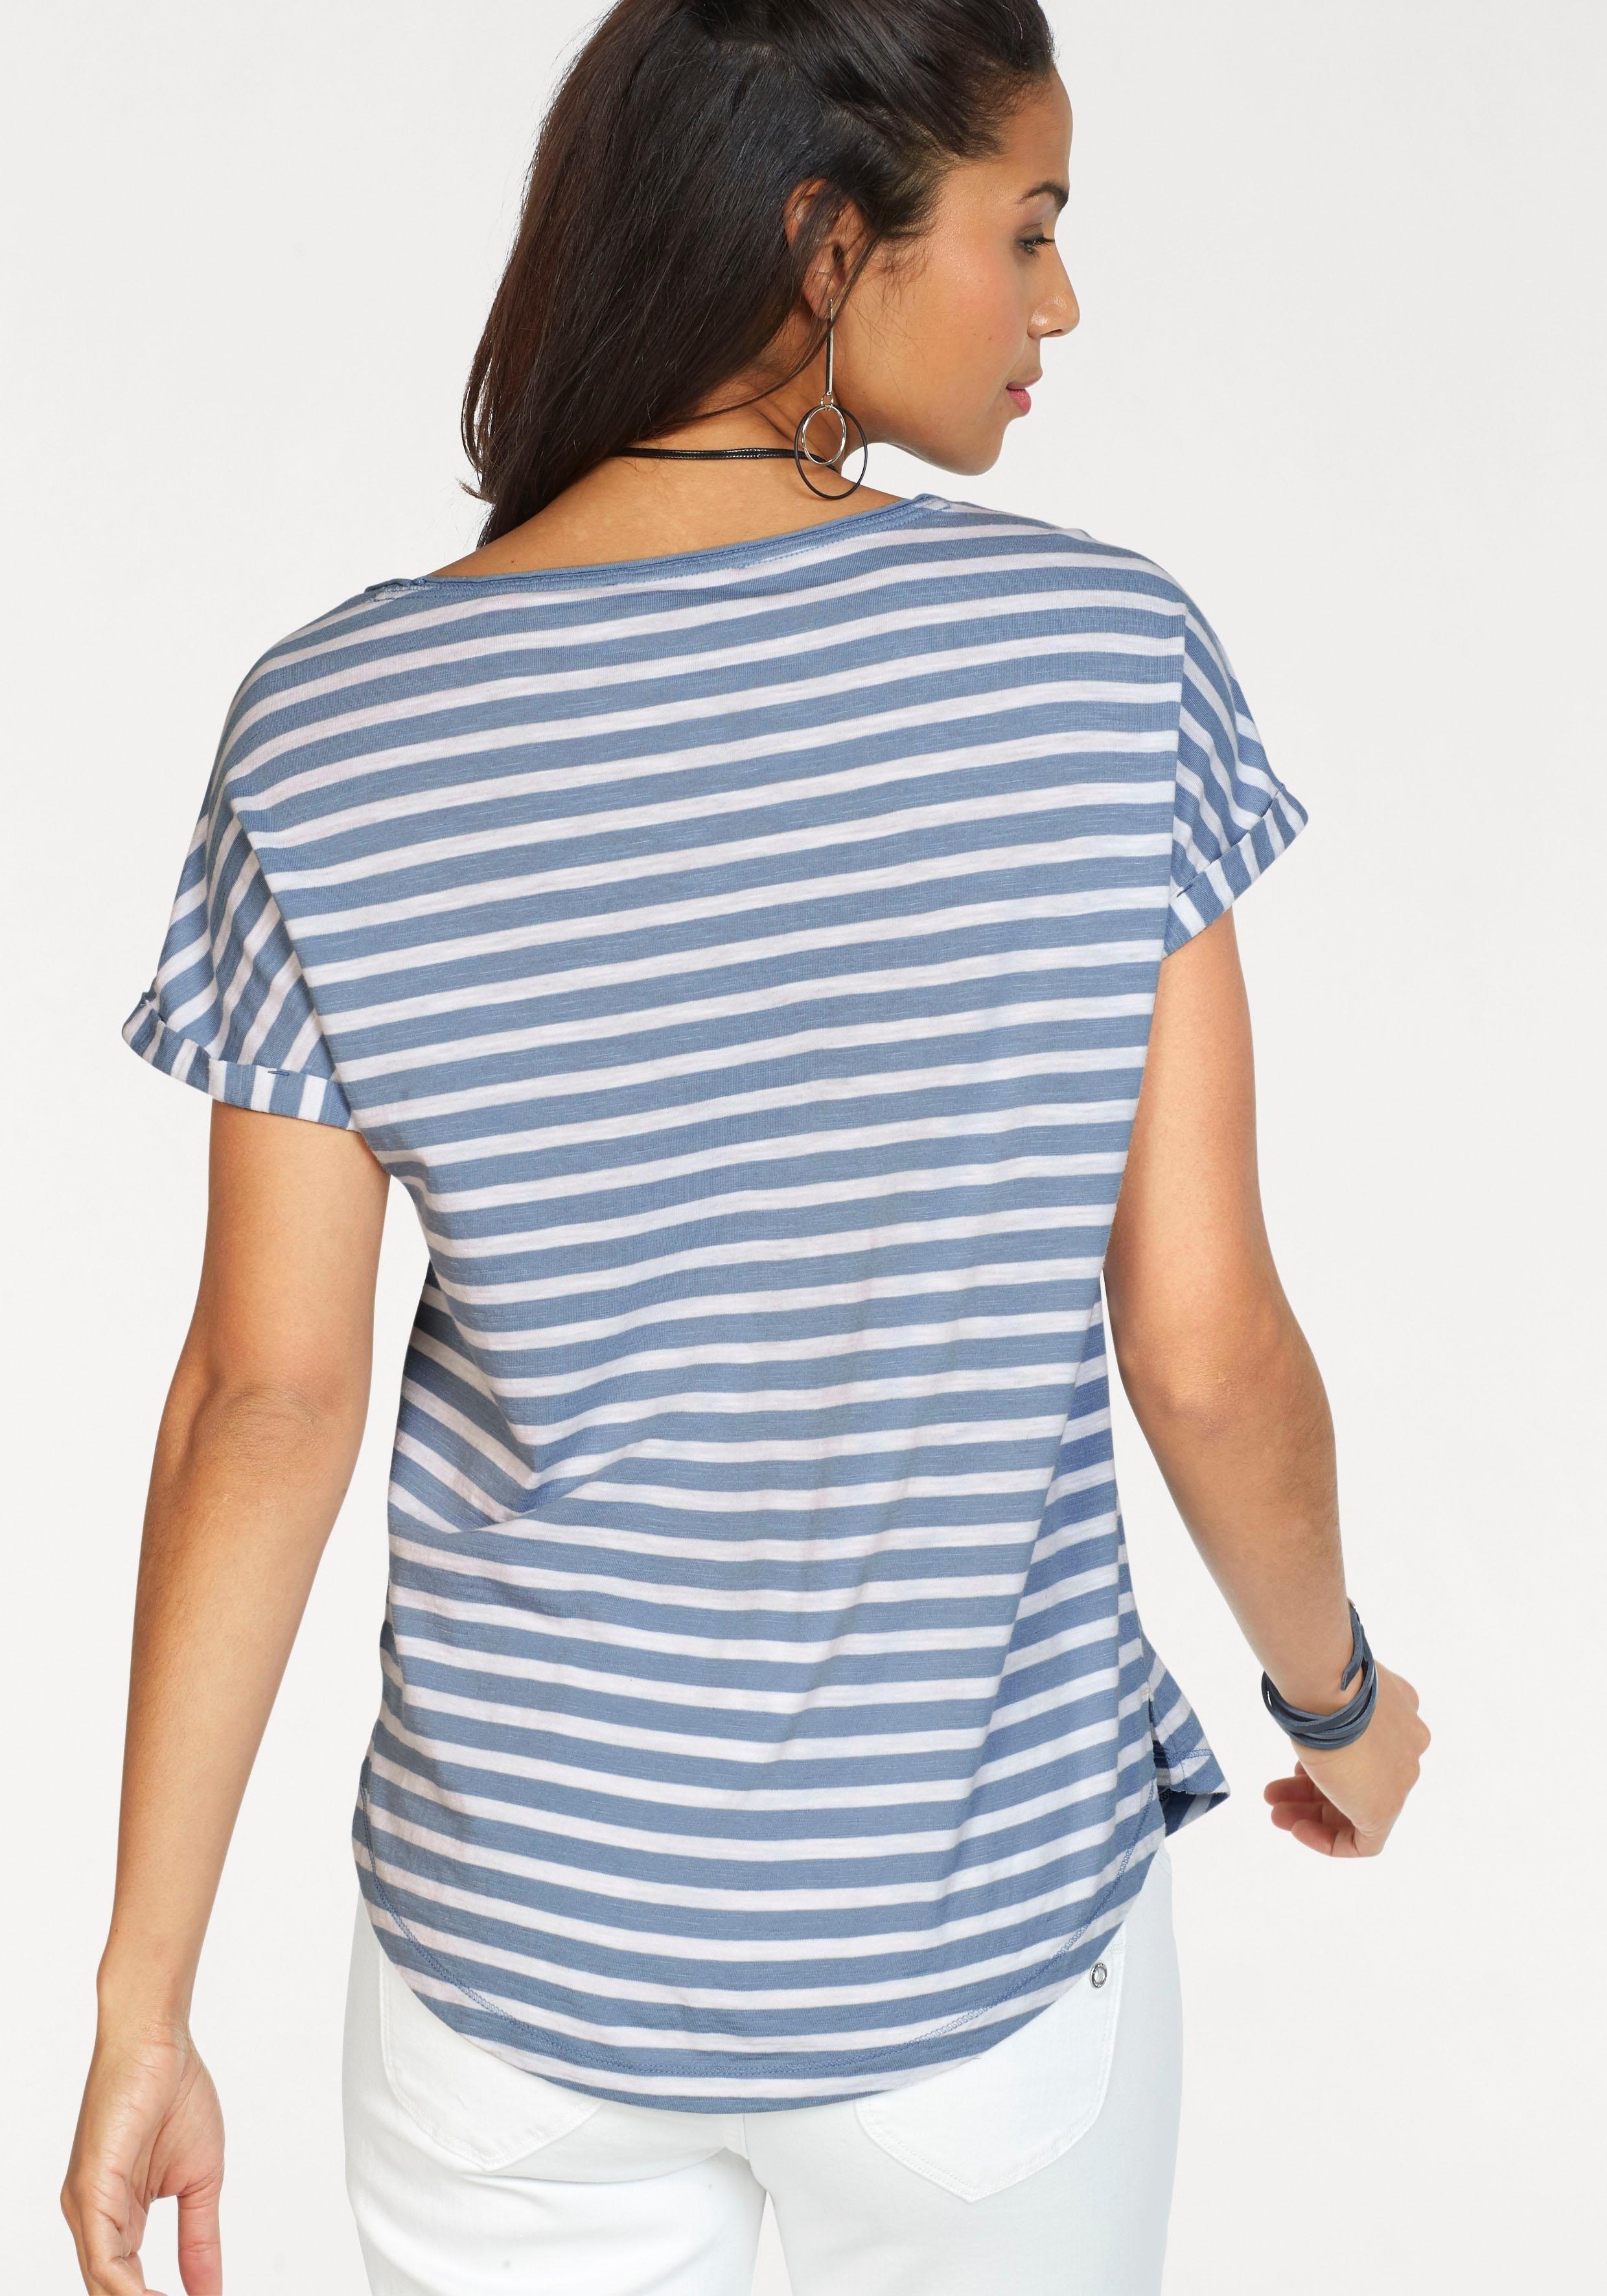 Label Online T shirt Bestellen oliver S Red vf67gyYmIb